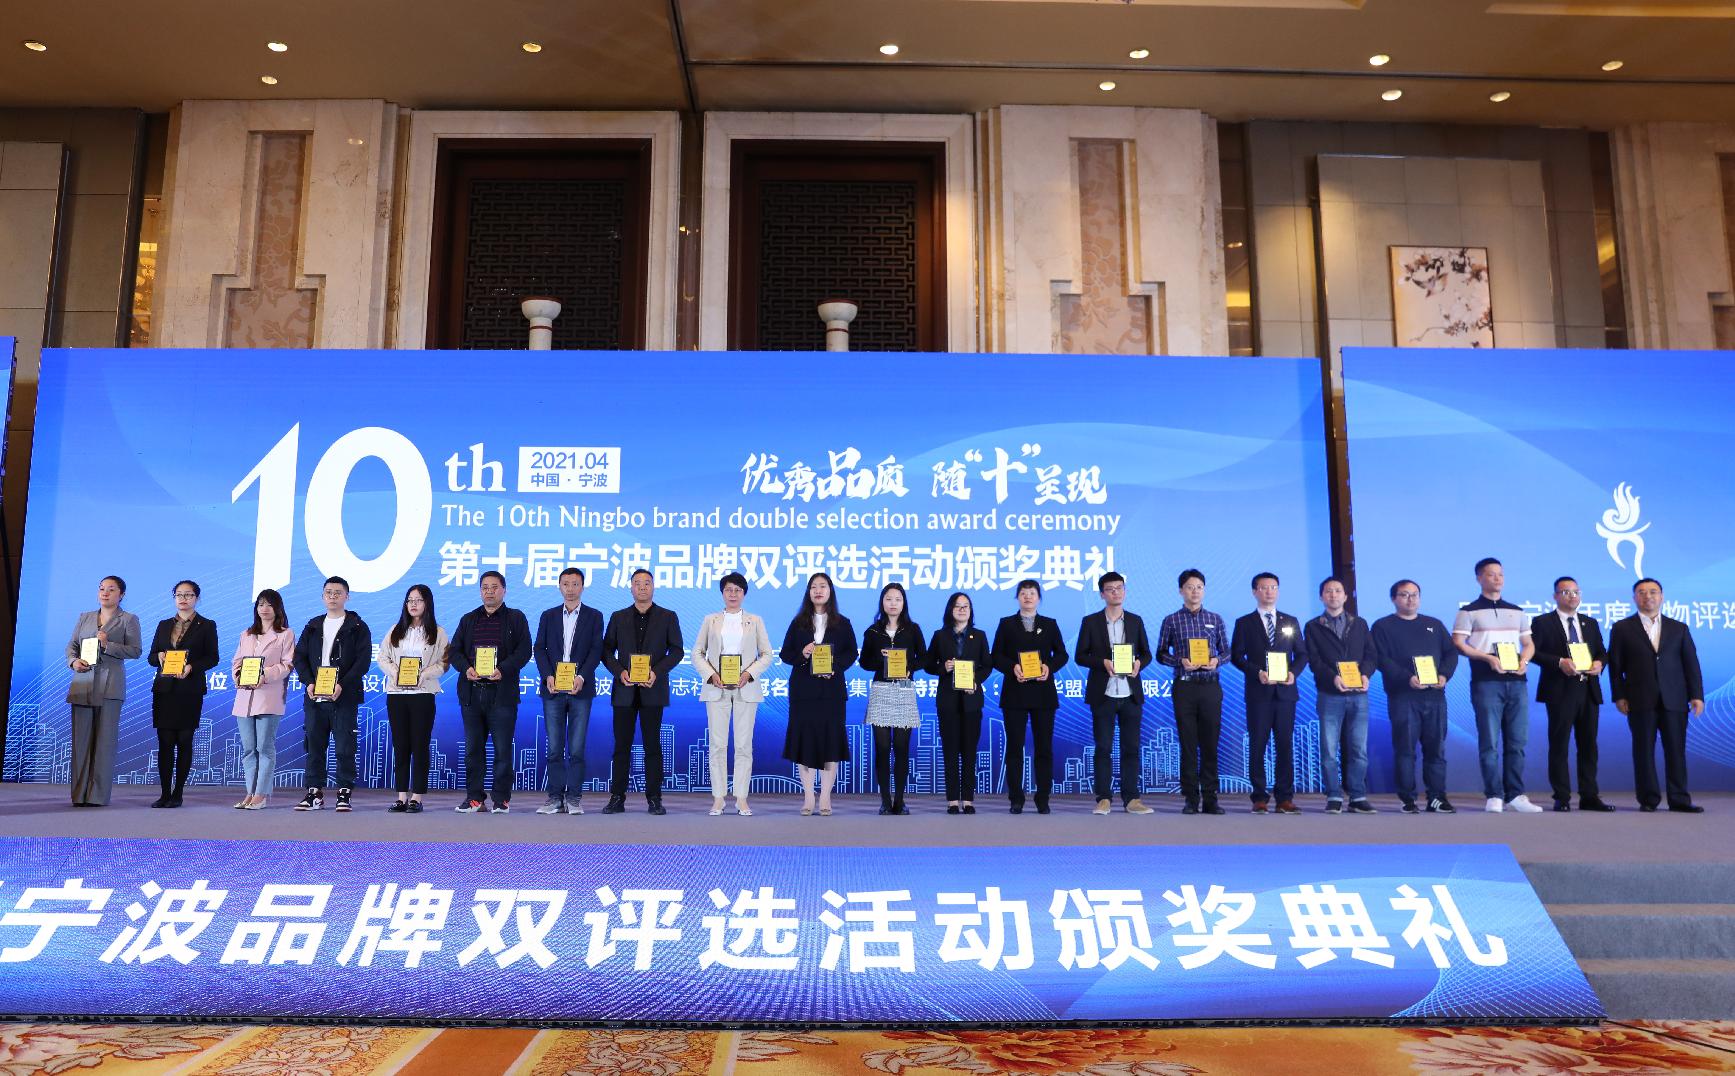 2021年宁波品牌节拉开帷幕暨第十届宁波品牌双评选揭晓